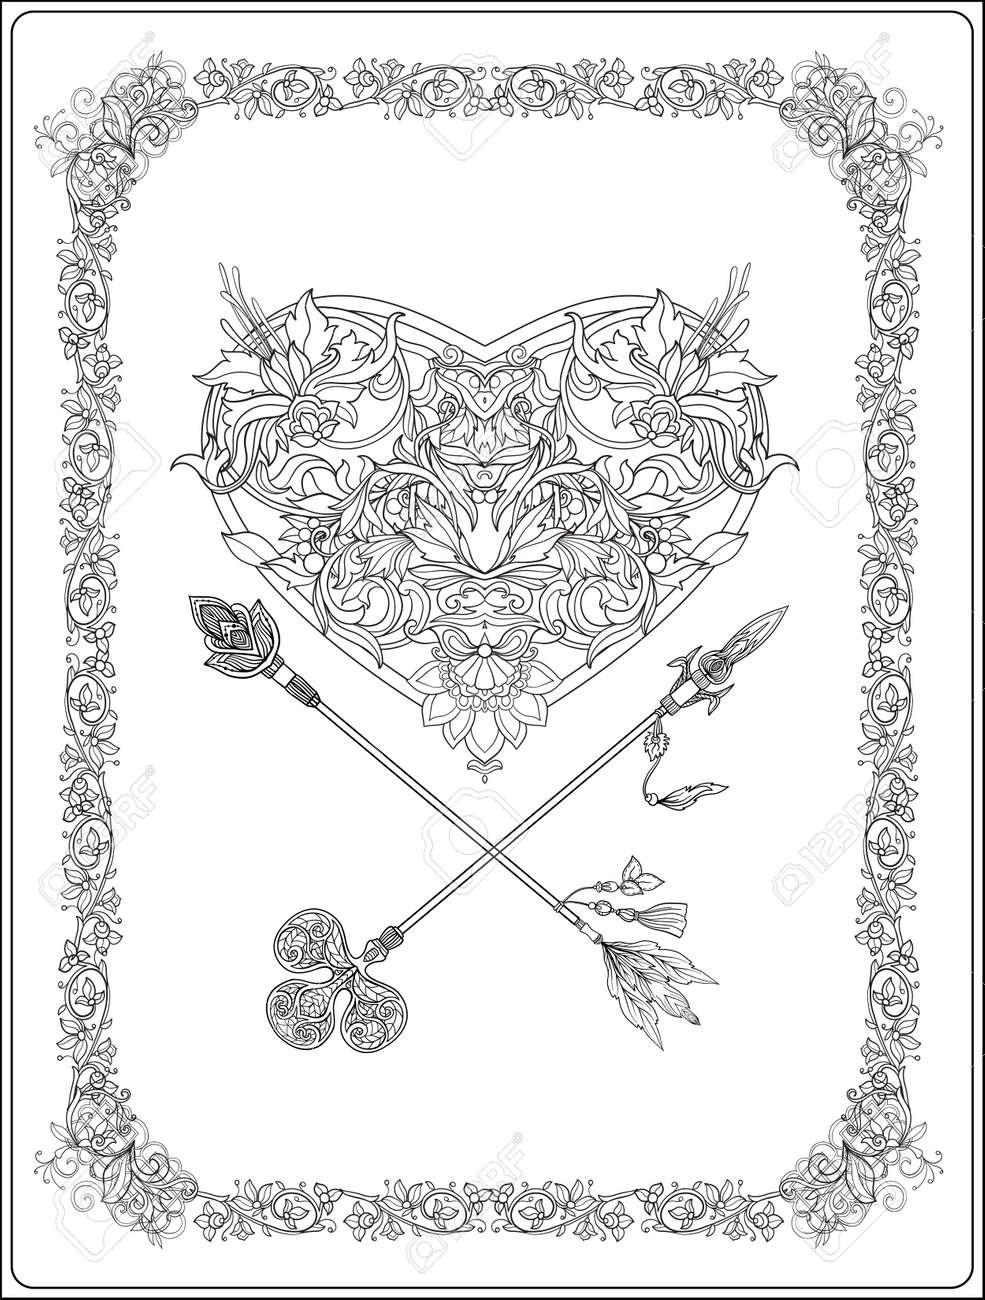 Vettoriale   Cuore Decorativo Con Frecce Decorative In Stile